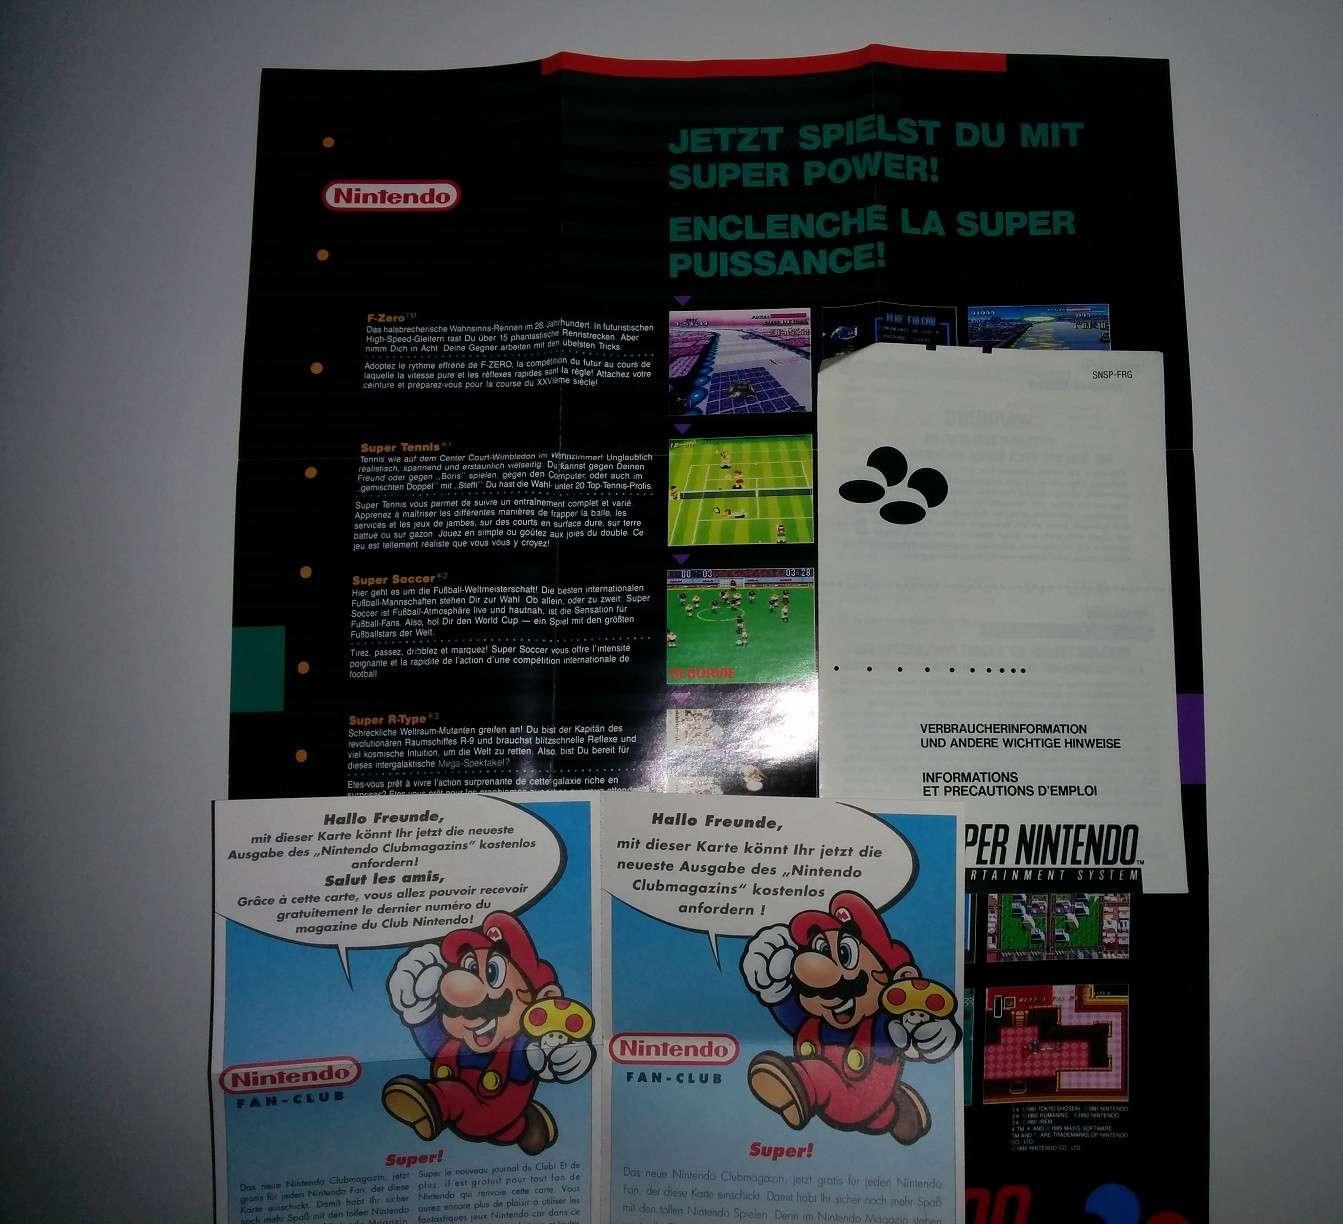 [Dehorvie] ►Gros lot de vinyles de jeux vidéo et PLV rétro◄ - Page 12 Img_2011